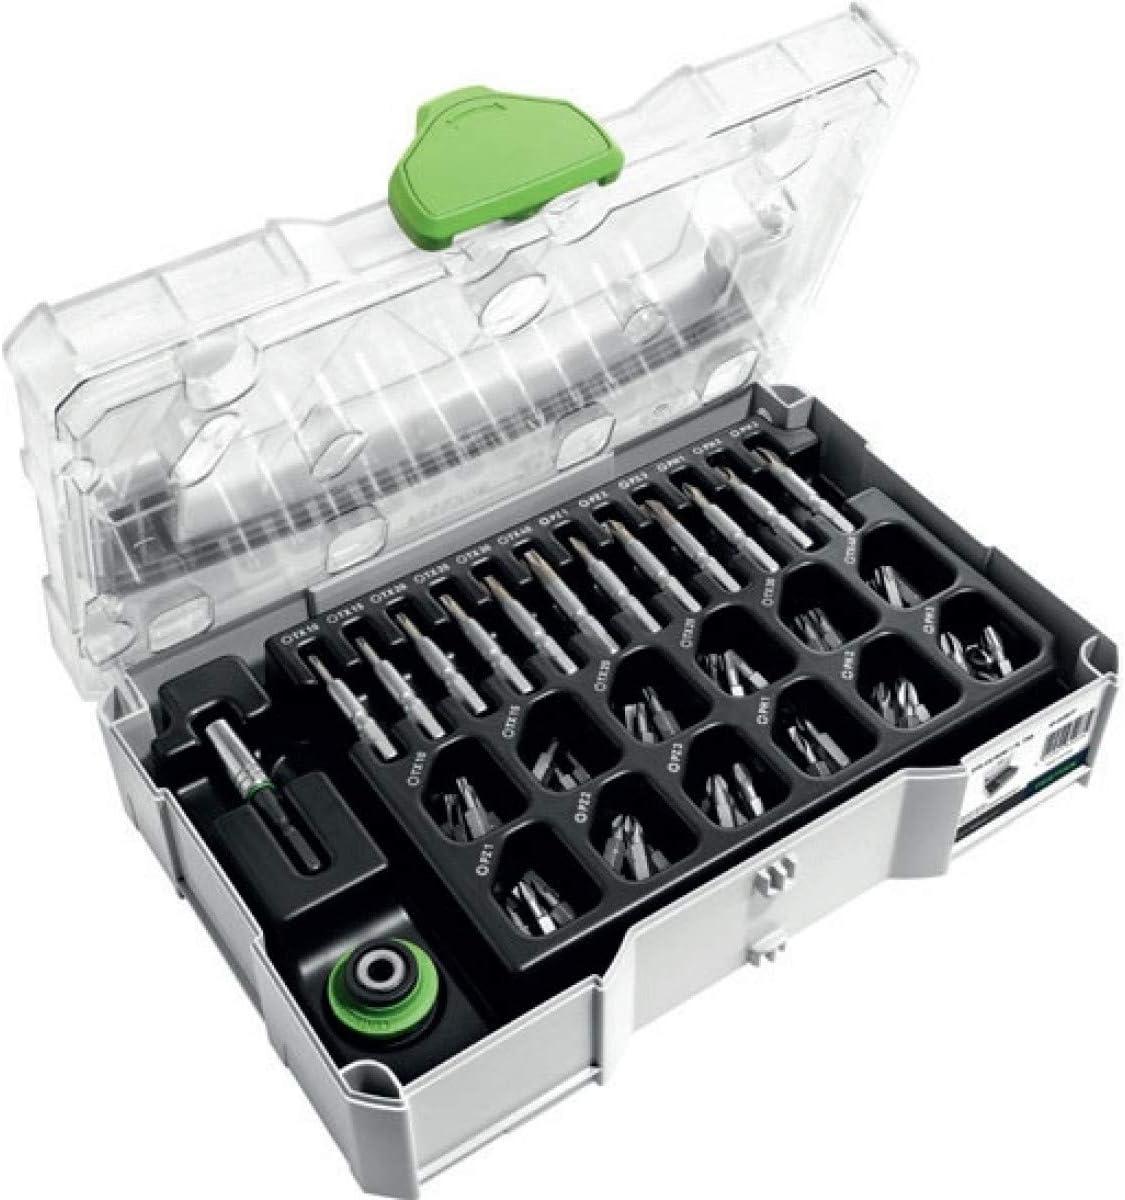 FESTOOL Bit TX 40-50 Centro//2 pour Festool Batterie-Percussion Centrotec 205083